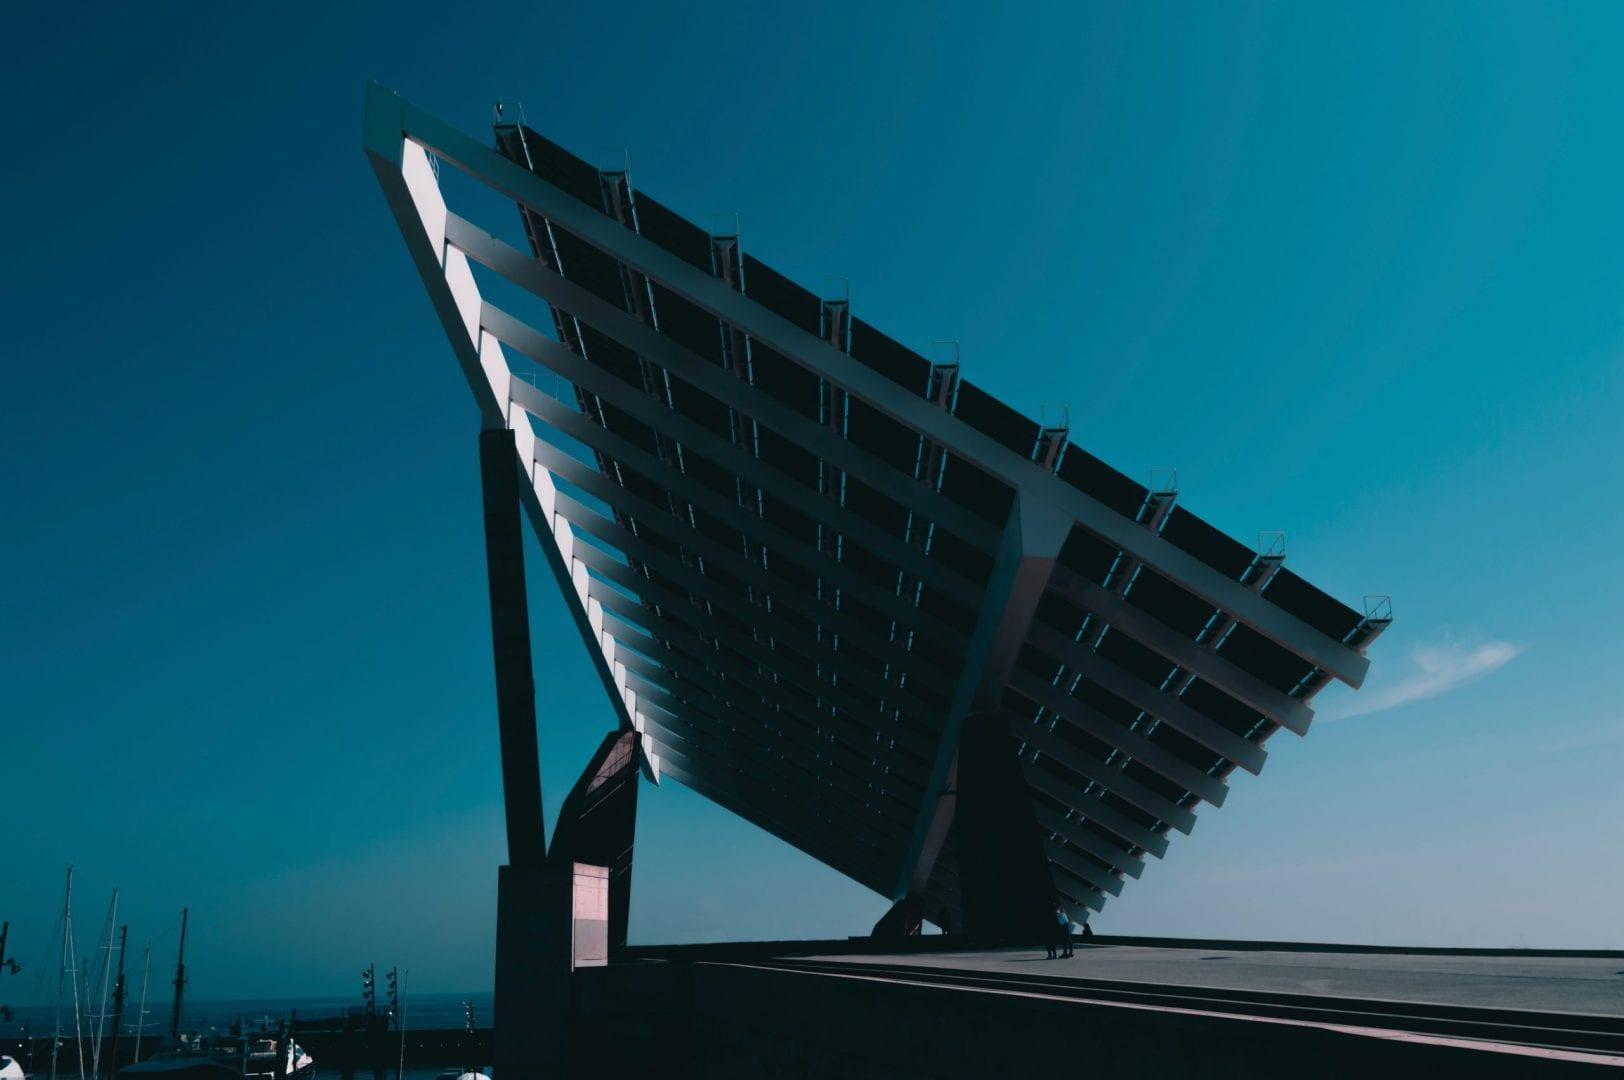 Energia solar é uma alternativa para sua empresa?